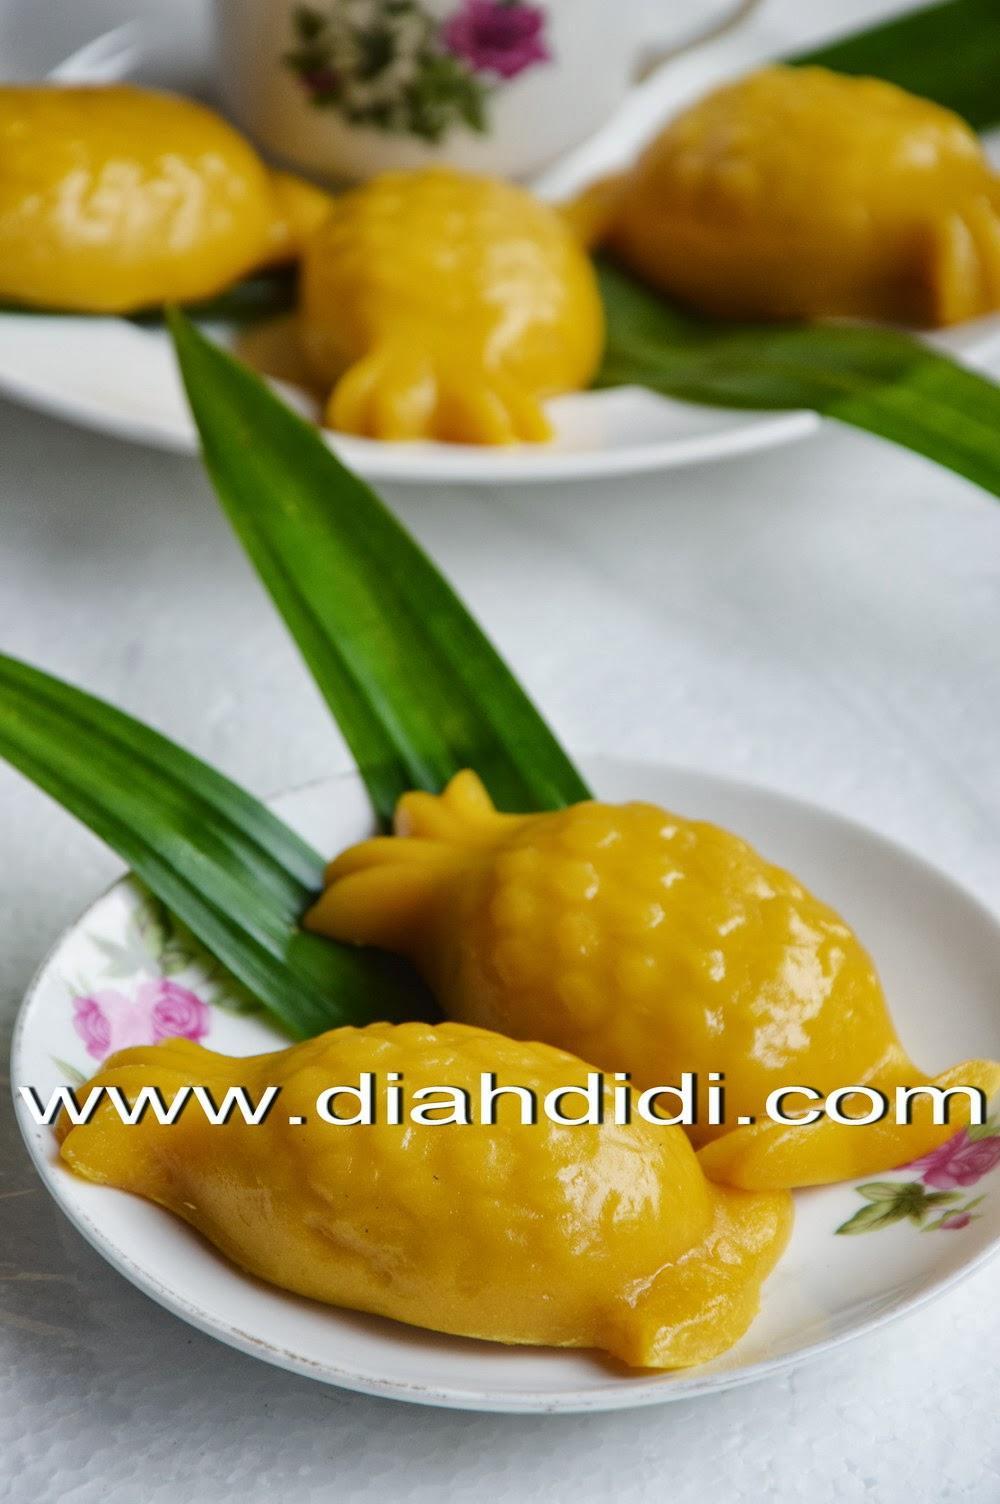 Diah Didis Kitchen Kue Ku Labu Kuning